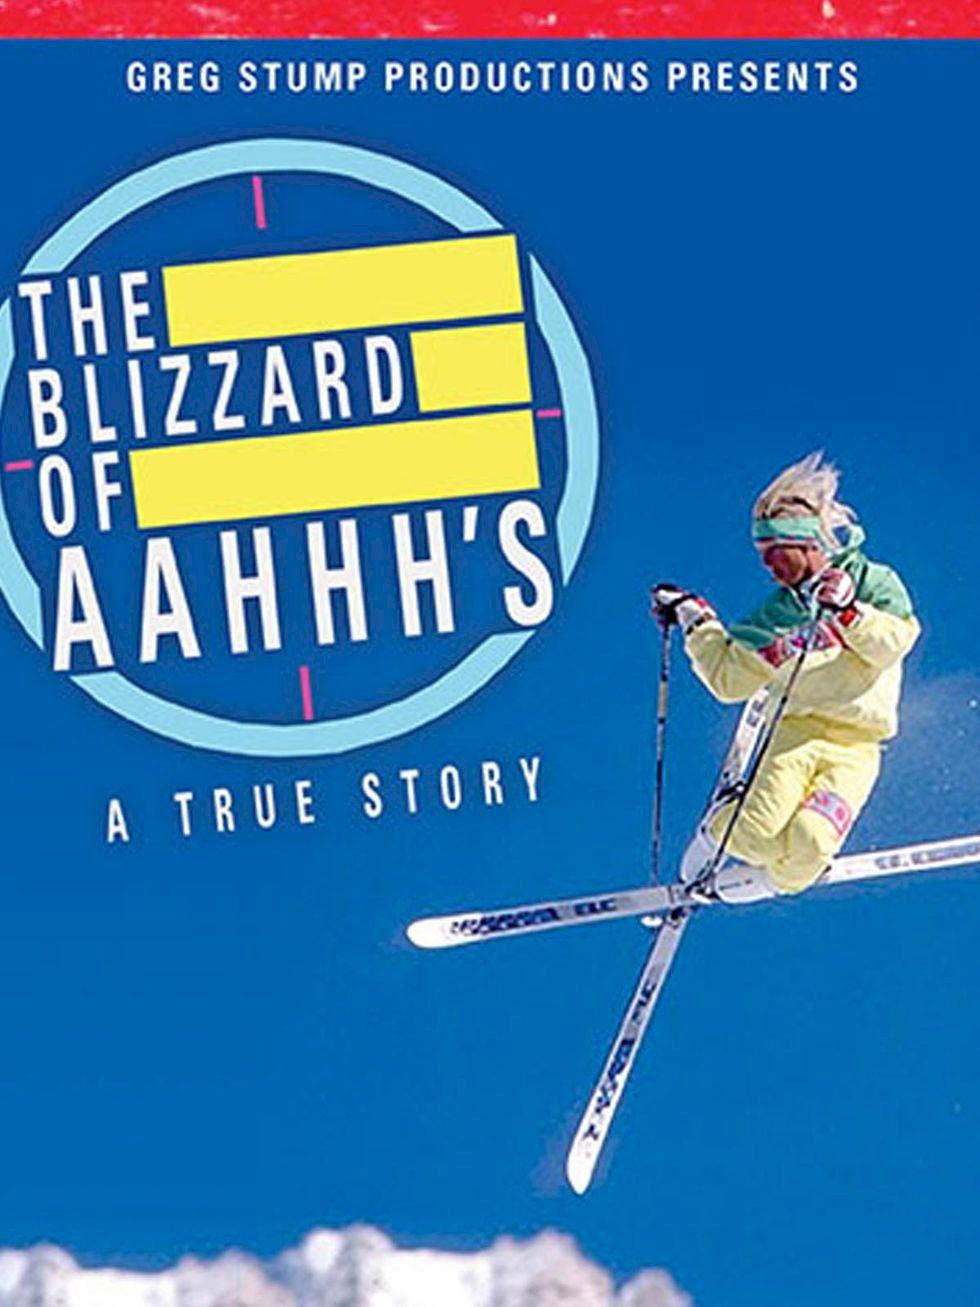 Klassisk skidfilm: the Blizzard of Aahhh's